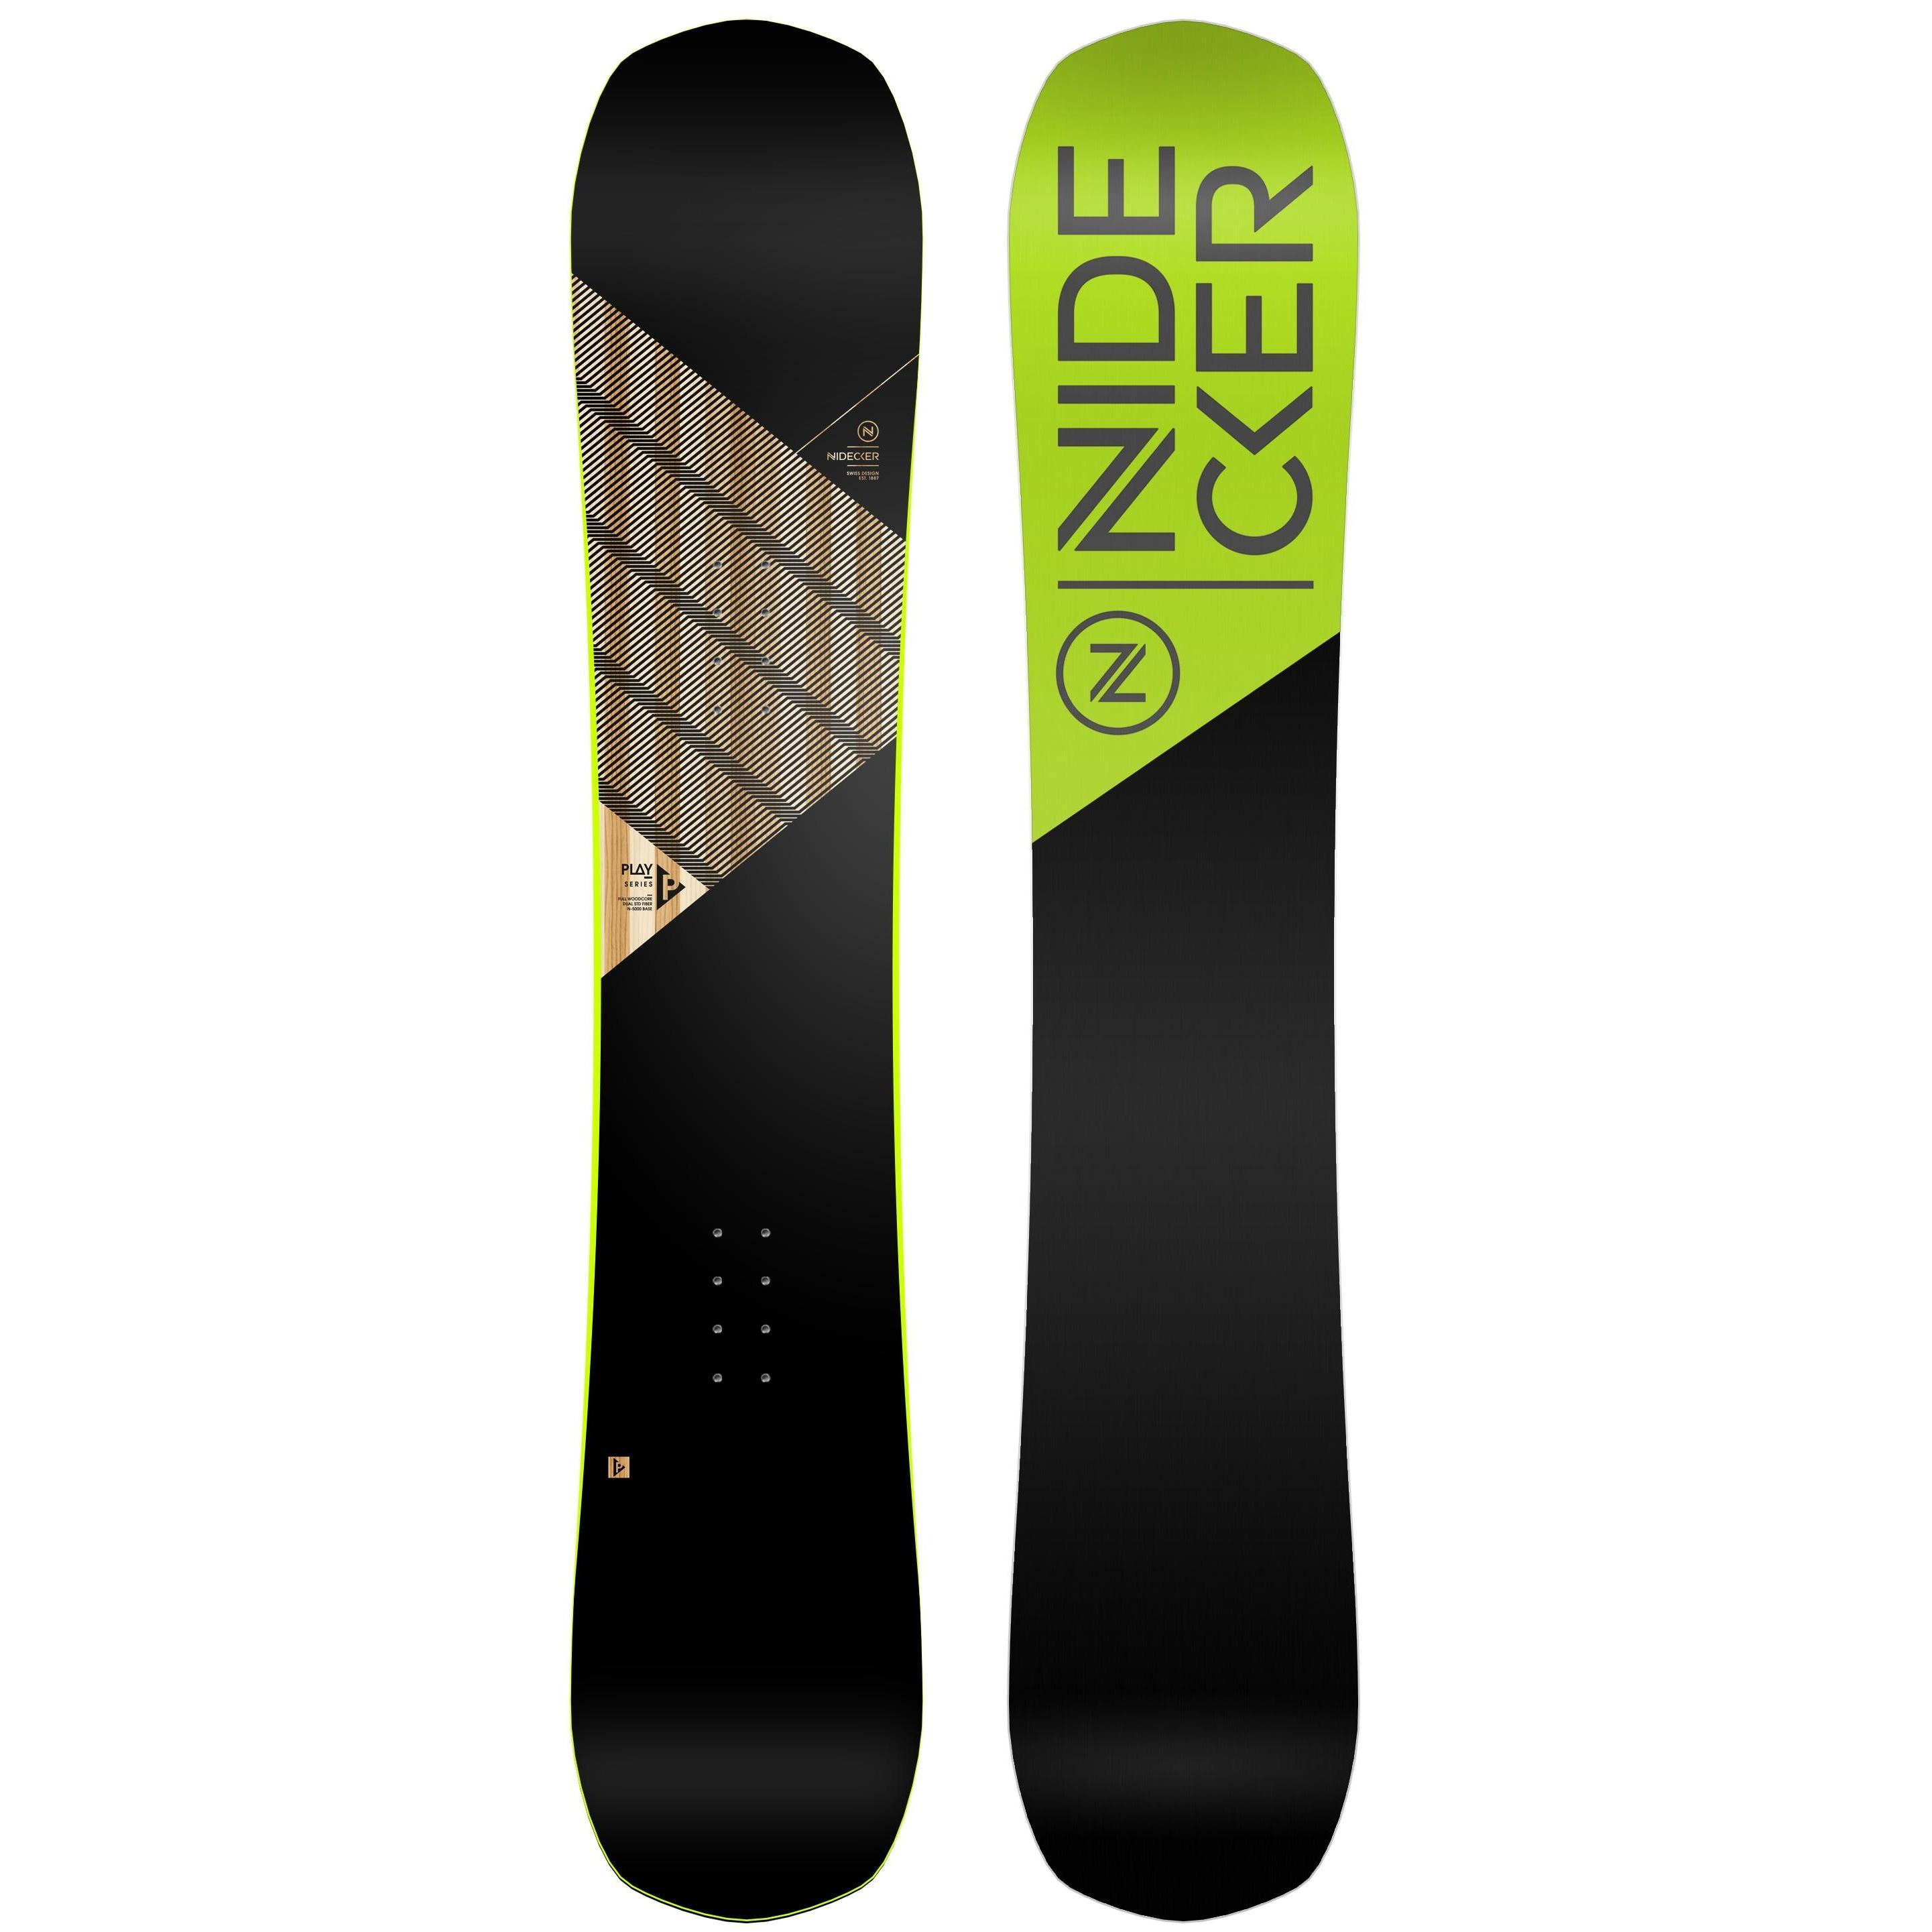 eba33daab35f Сноуборд NIDECKER Play 2018-19 - купить недорого, цены в магазине КАНТ